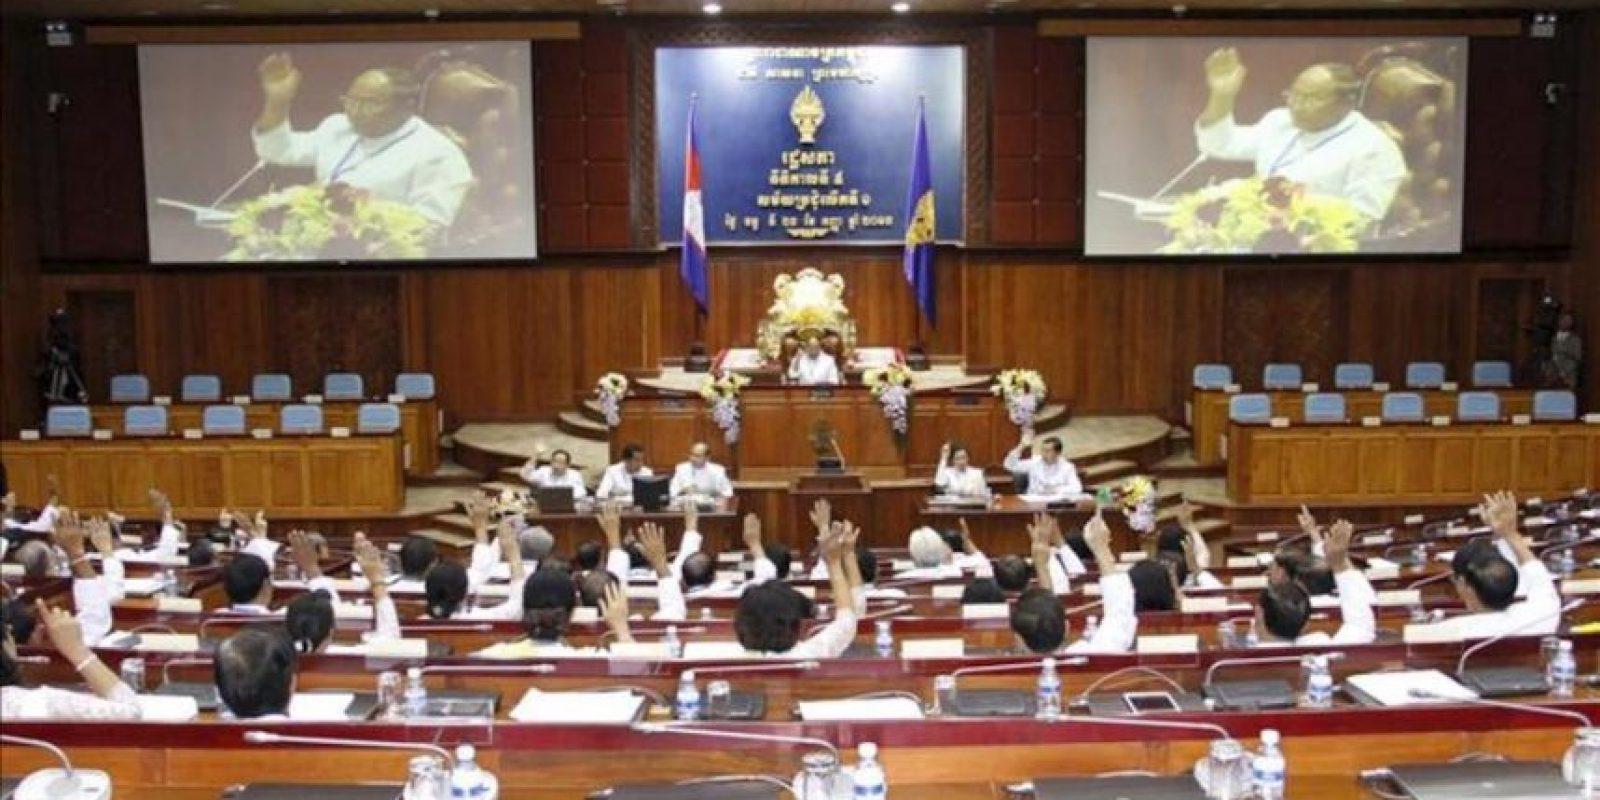 Fotografía facilitada hoy, lunes 23 de septiembre de 2013 que muestra la sesión de apertura de la Asamblea Nacional camboyana hoy, lunes 23 de septiembre. EFE